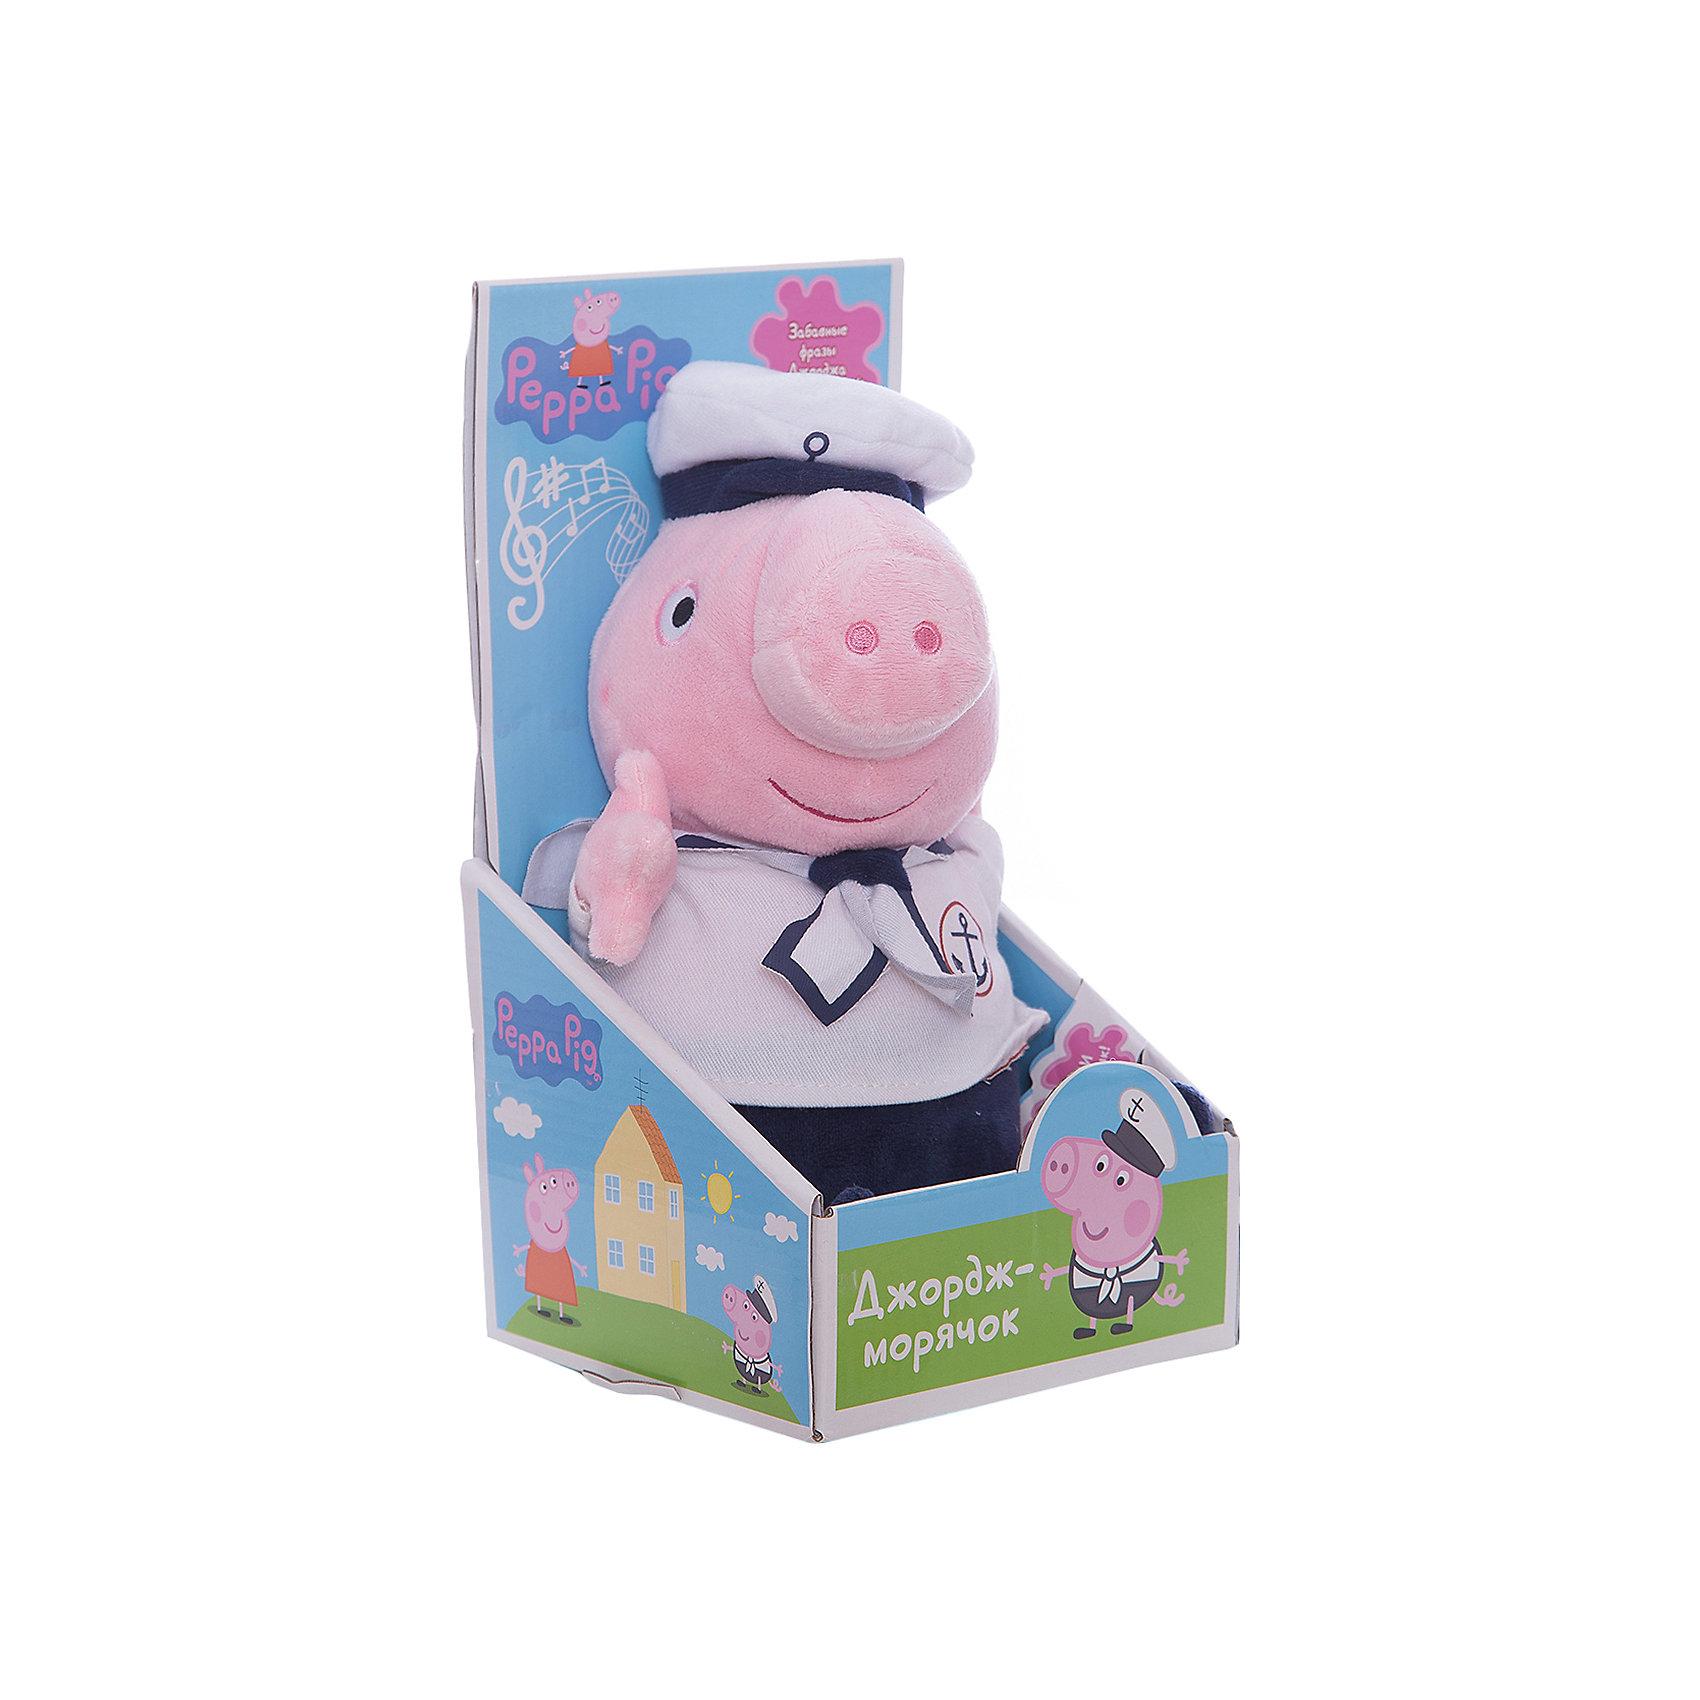 Мягкая игрушка Джордж моряк озвученная, 25 см, Peppa PigЛюбимые герои<br>Мягкая игрушка Джордж моряк, озвученный, 25 см, Peppa Pig (Свинка Пеппа). <br><br>Характеристика:<br><br>• Материал: пластик, текстиль, плюш.   <br>• Размер игрушки: 25 см.<br>• Звуковые эффекты: Джордж хрюкает, произносит 2 фразы, поет песенку. <br>• Элемент питания: 3 батарейки AG13 или LR44 (в комплекте демонстрационные). <br><br>Дети обожают мягкие игрушки! Игрушка в виде любимого героя мультсериала Peppa Pig, Джорджа, приведет в восторг любого ребенка. Джордж-моряк одет в очаровательный костюмчик, на голове у него бескозырка, он умеет говорить забавные фразы и петь песенку. Прекрасный подарок для всех поклонников Peppa Pig!  <br><br>Мягкую игрушку Джордж моряк, озвученный, 25 см, Peppa Pig (Свинка Пеппа), можно купить в нашем интернет-магазине.<br><br>Ширина мм: 260<br>Глубина мм: 130<br>Высота мм: 130<br>Вес г: 210<br>Возраст от месяцев: 36<br>Возраст до месяцев: 2147483647<br>Пол: Унисекс<br>Возраст: Детский<br>SKU: 5211682